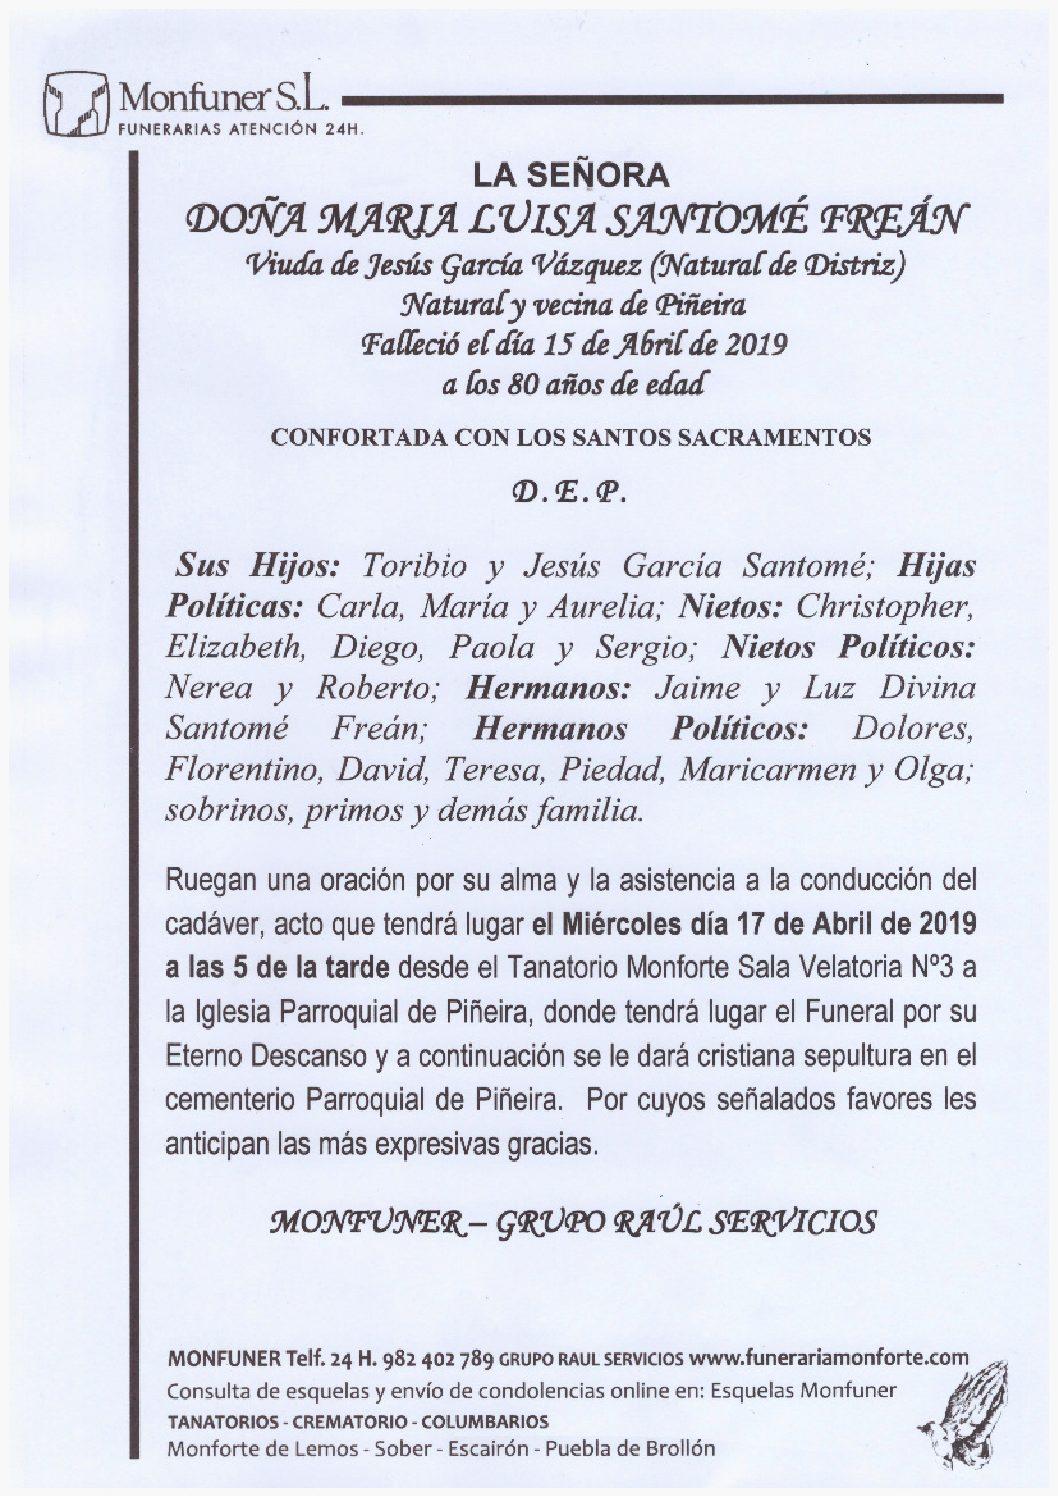 DOÑA MARIA LUISA SANTOME FREAN